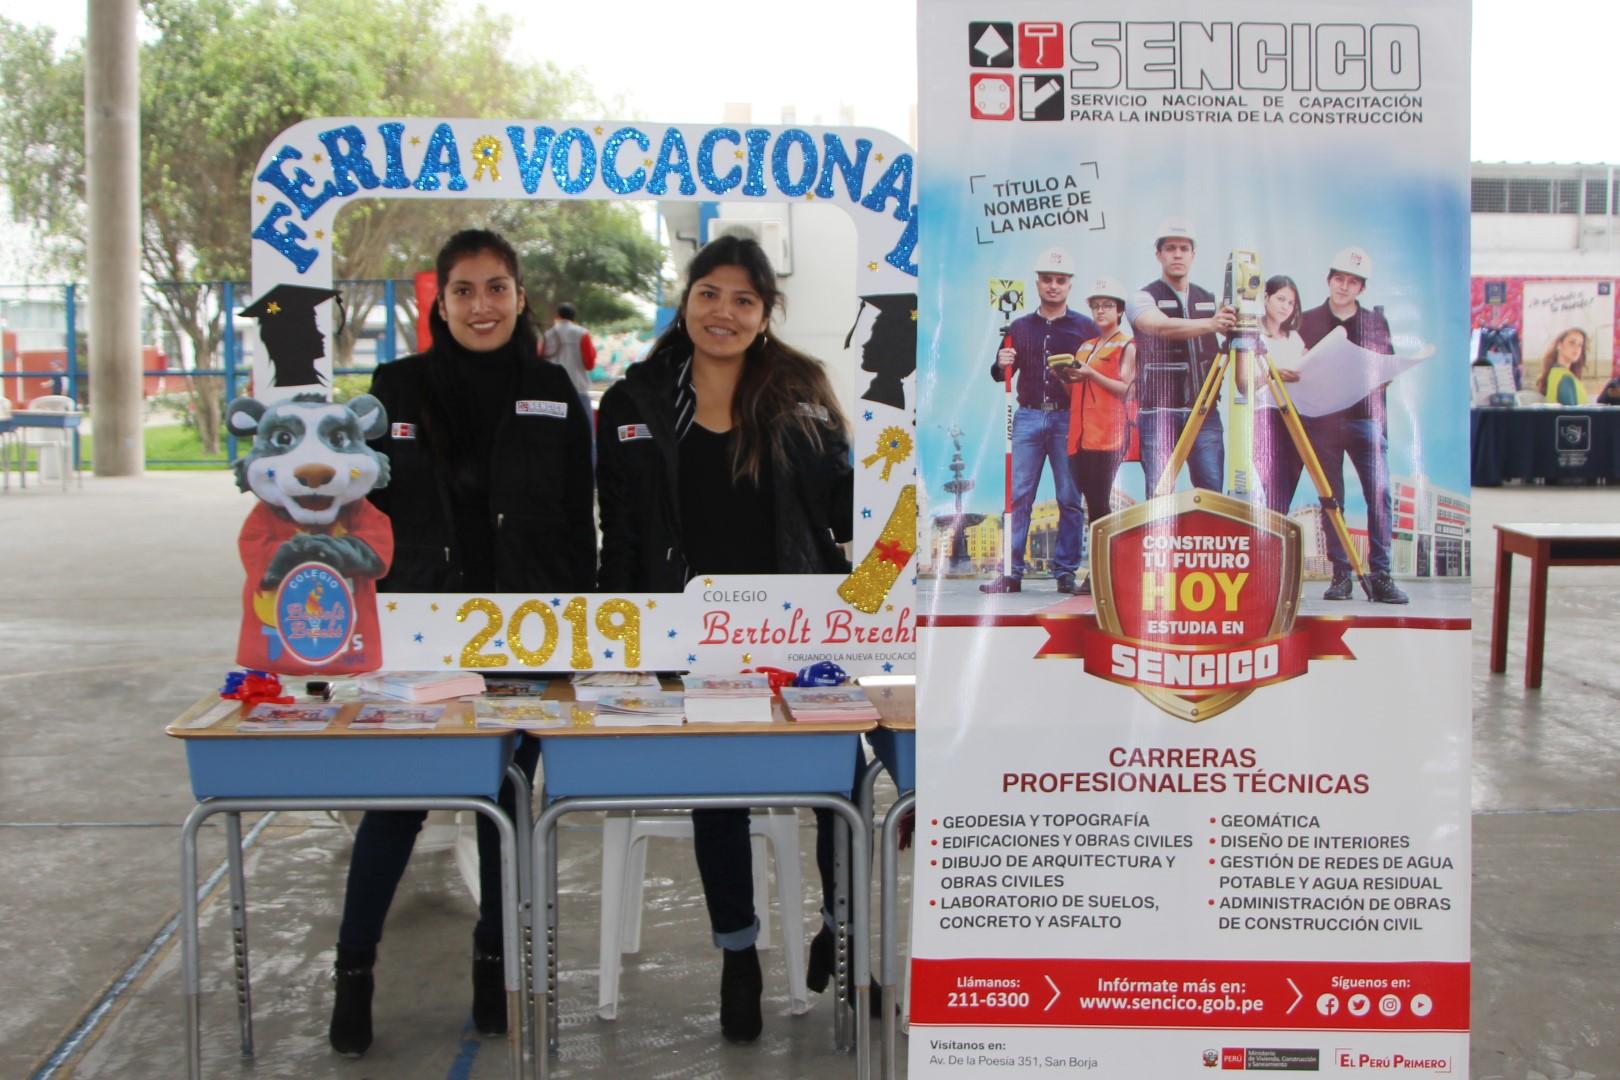 Feria vocacional 2019 (8)